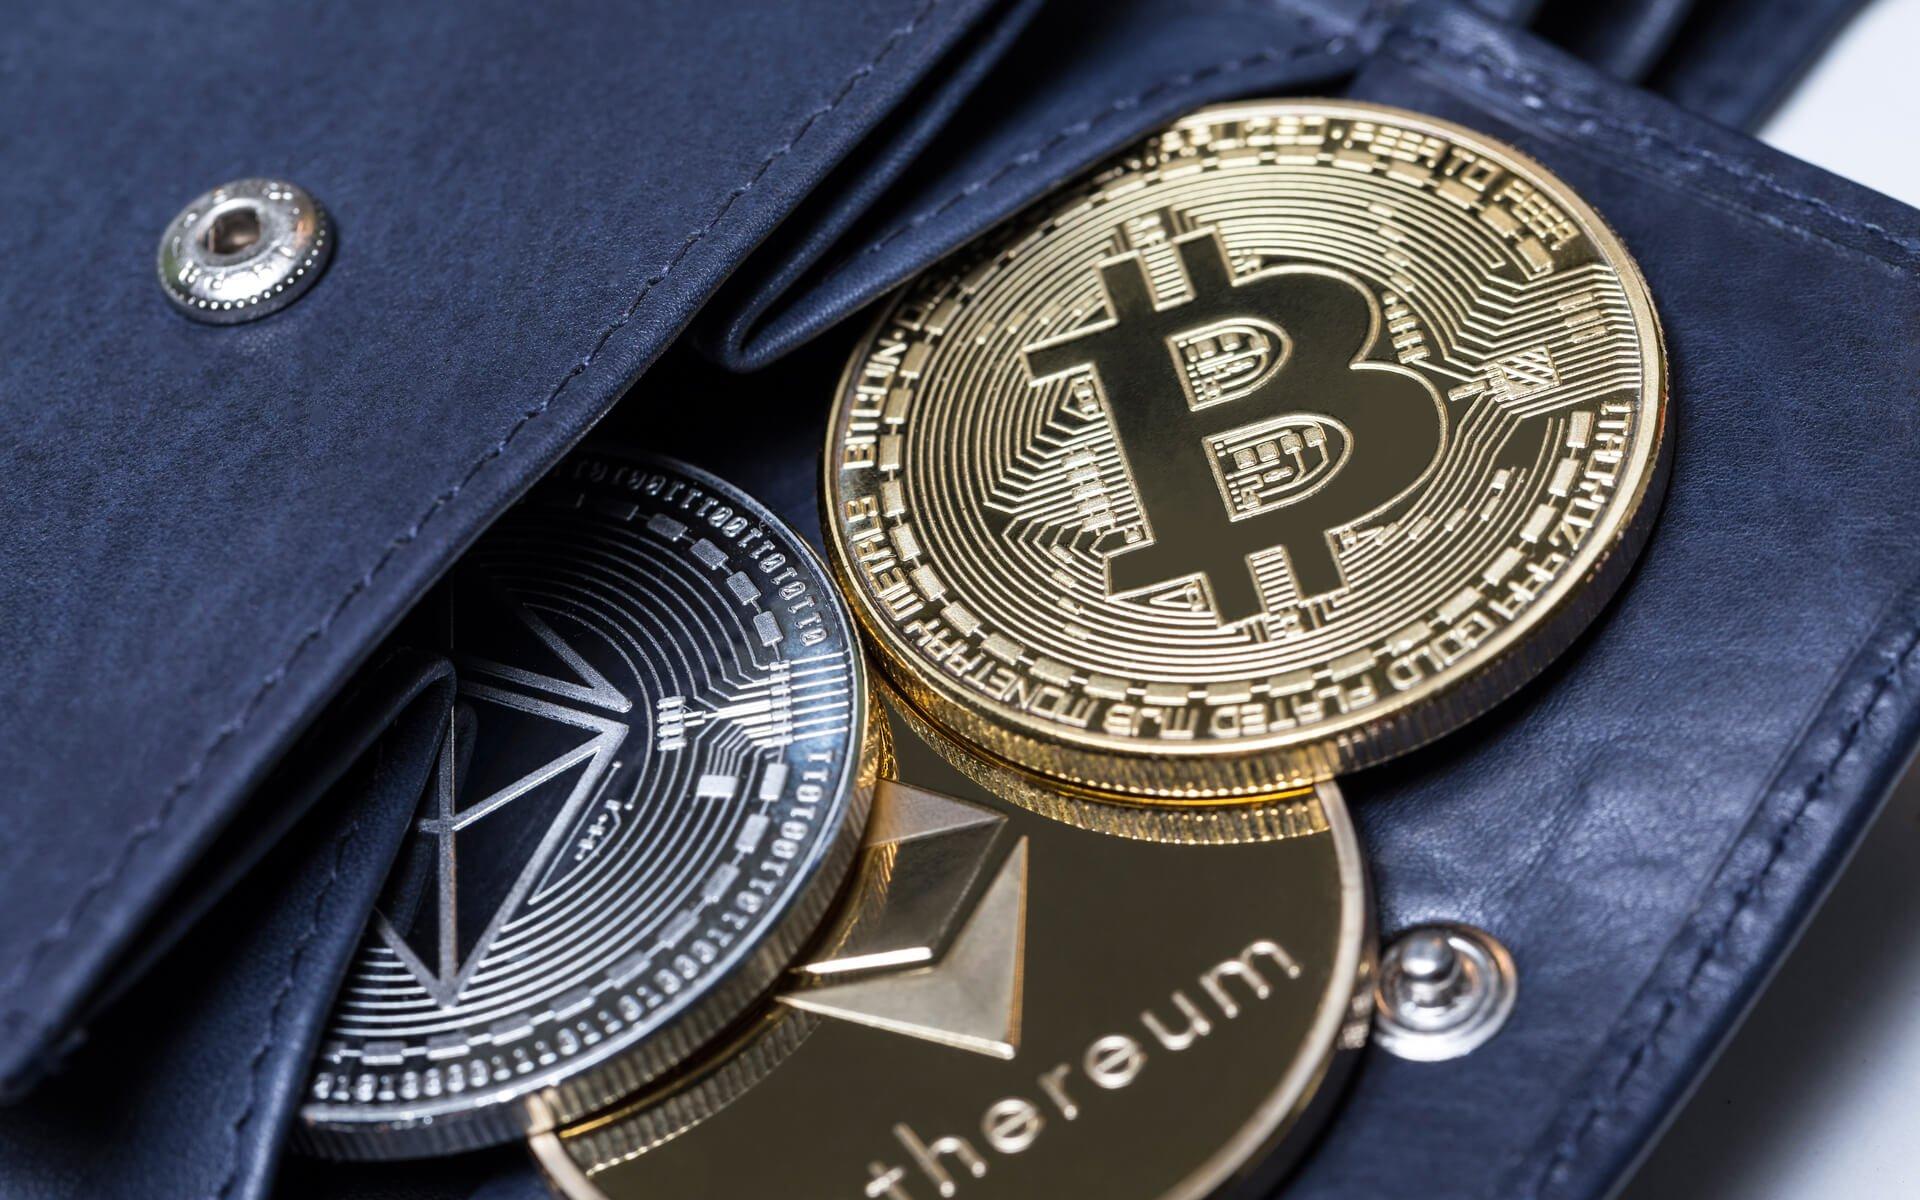 Bitcoin Hesabı Nasıl Açılır? Bitcoin Cüzdanı Nasıl Oluşturulur?